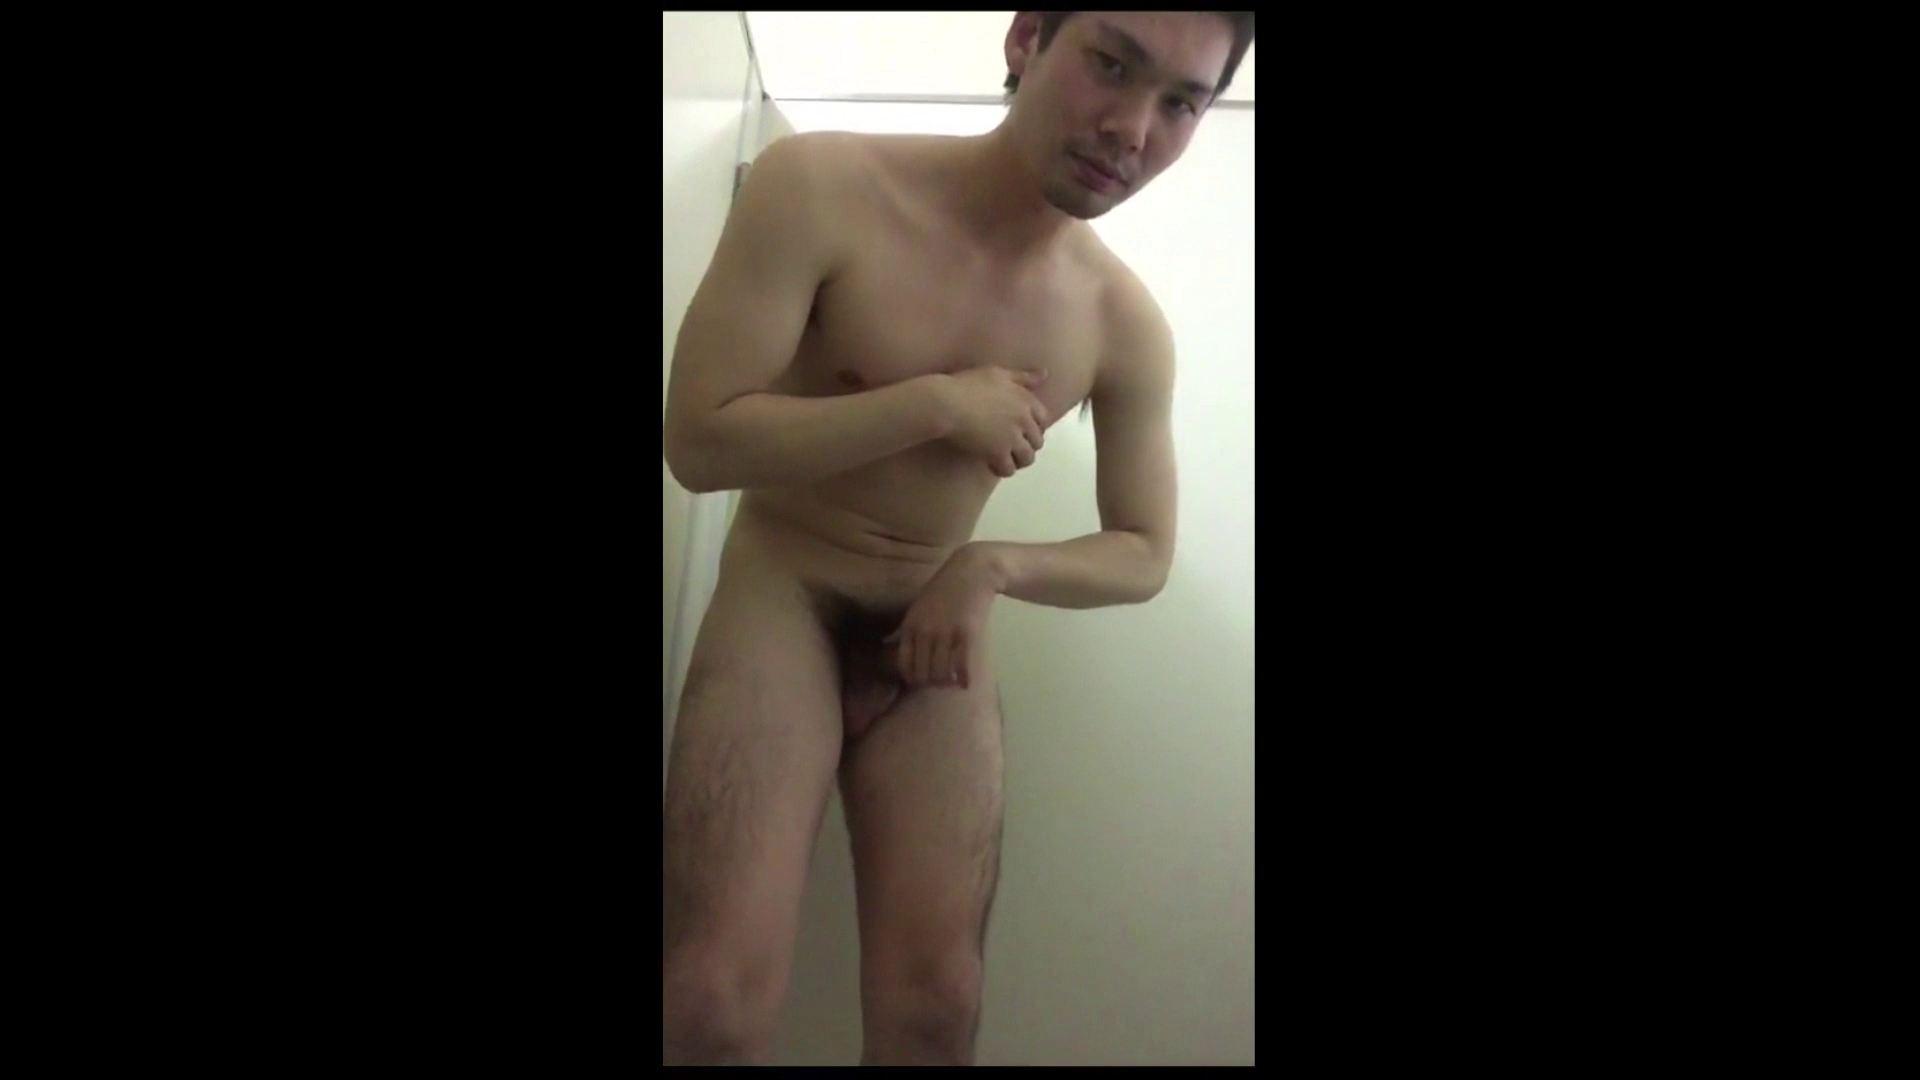 個人撮影 自慰の極意 Vol.3 ゲイのオナニー映像  55枚 36